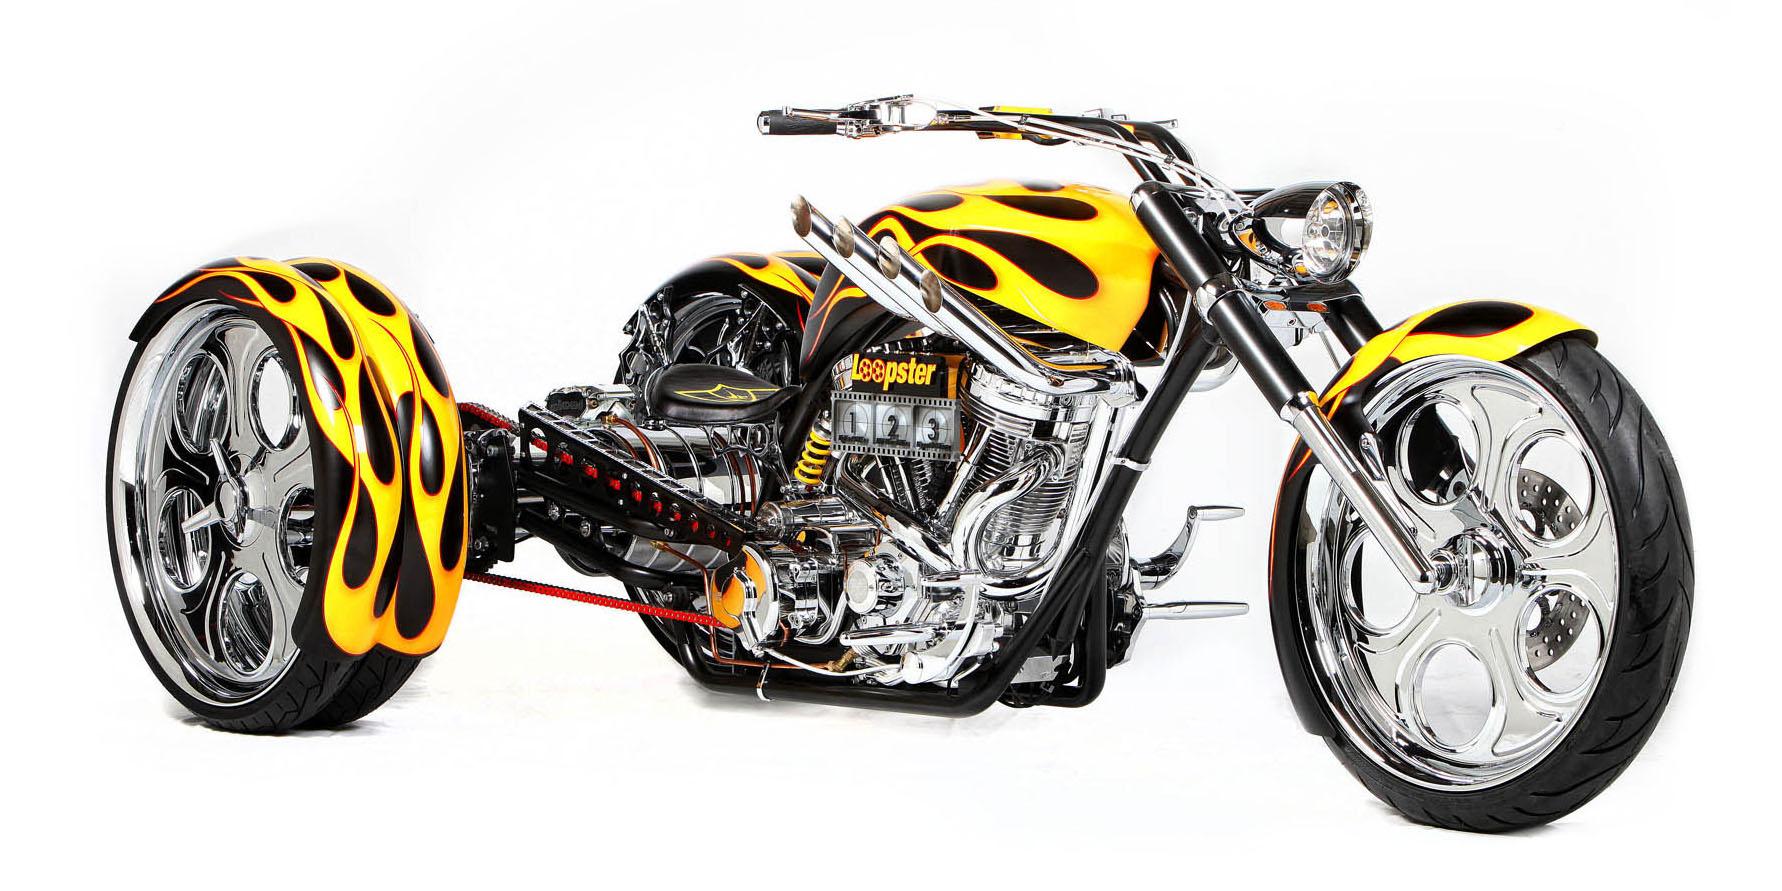 paul-jr-designs-loopster-bike-014-1-1